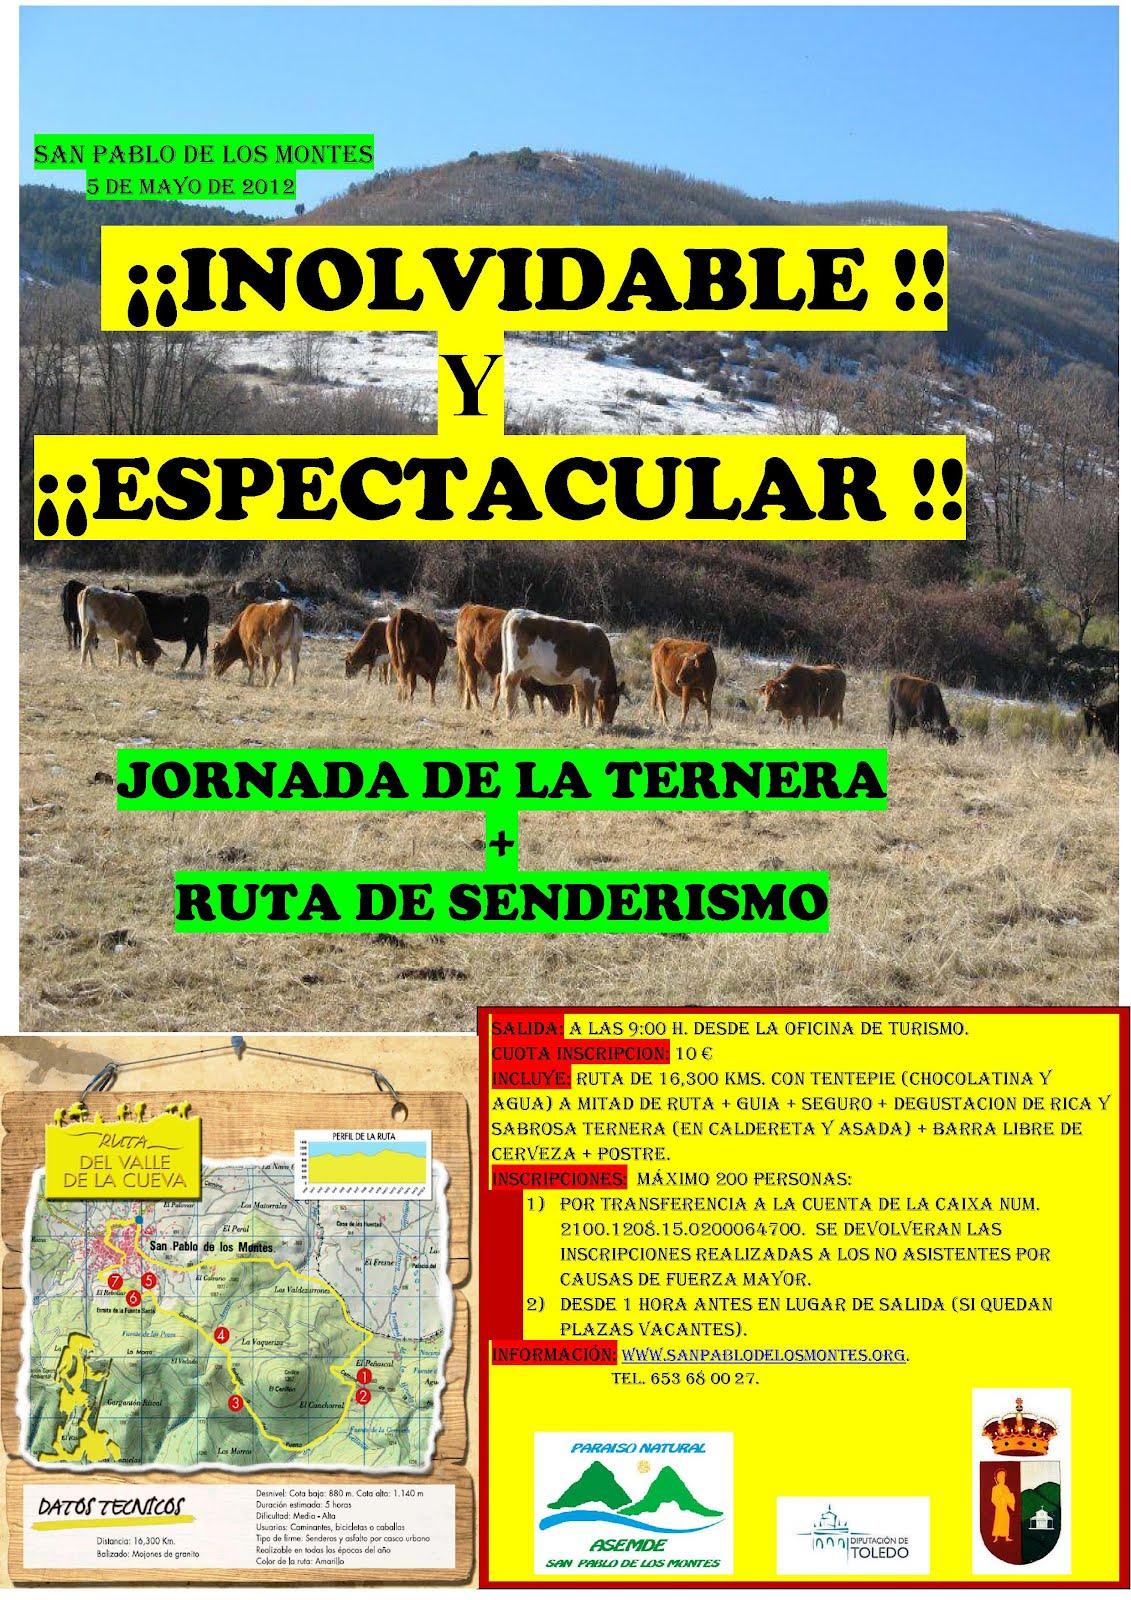 Anda m s san pablo valle de la cueva 05 05 2012 - Oficina de turismo de almagro ...